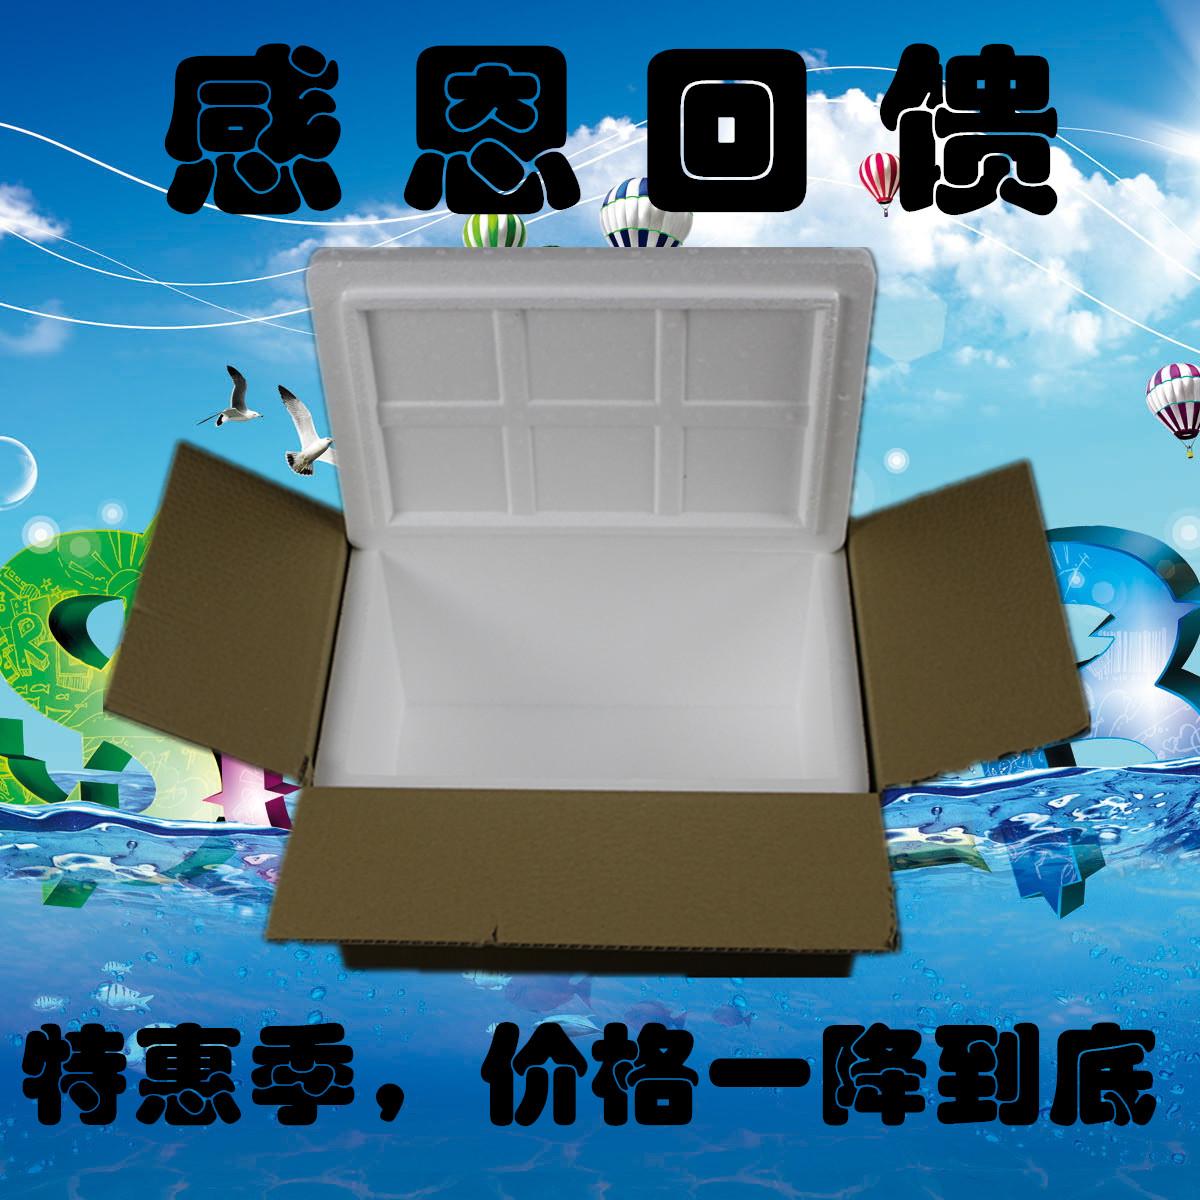 一件8套邮政3号泡沫箱+纸箱水果海鲜 生鲜食品保鲜盒批发厂家直销